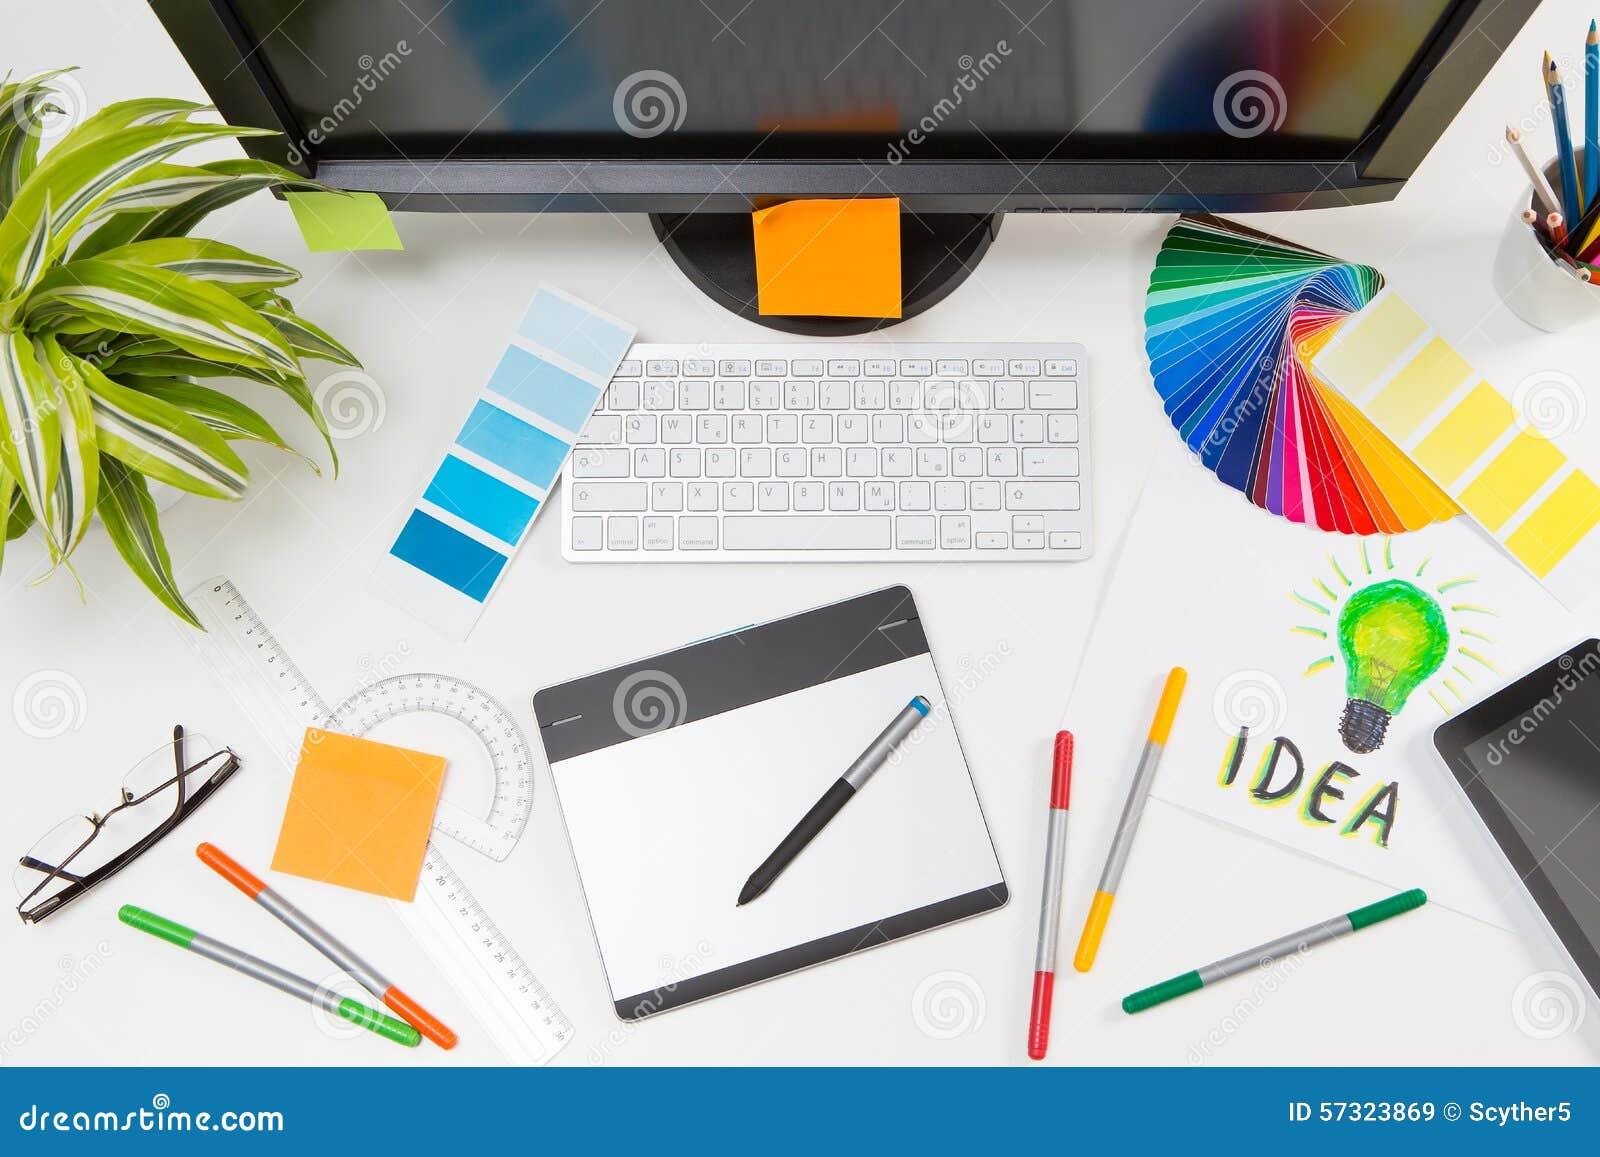 Download Projektant Grafik Komputerowych Przy Pracą Charakterystyczny Kolor Druku Prasy Przemysłu Obrazu Pre Próbki Obraz Stock - Obraz złożonej z digitalis, kolorystyka: 57323869